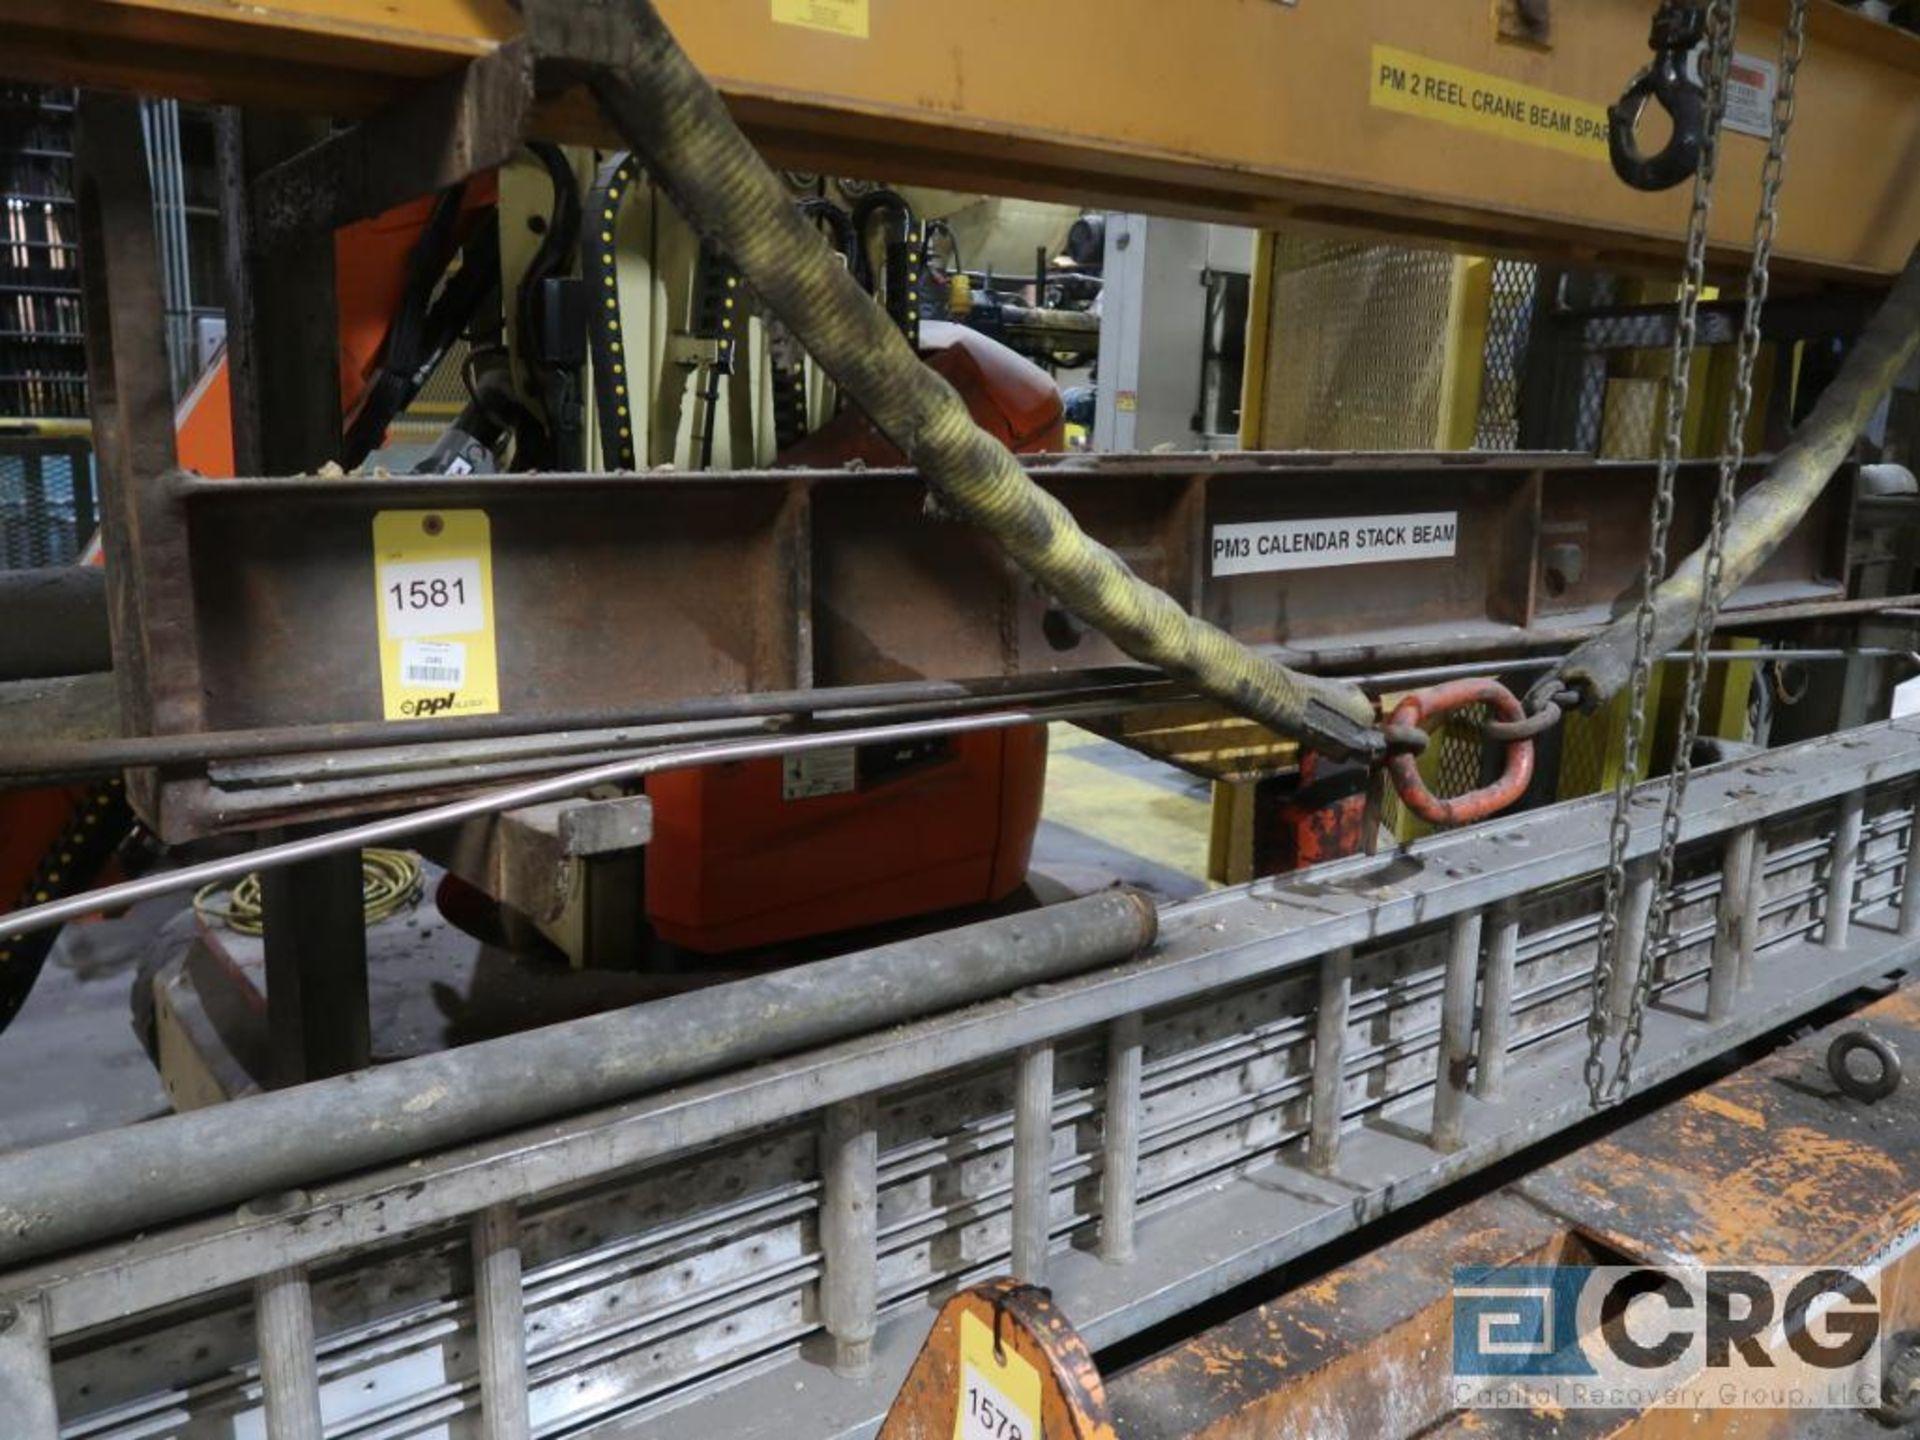 """Caldwell spreader bar, 5 Ton capacity, 7' 7"""" span (PM1 area)"""